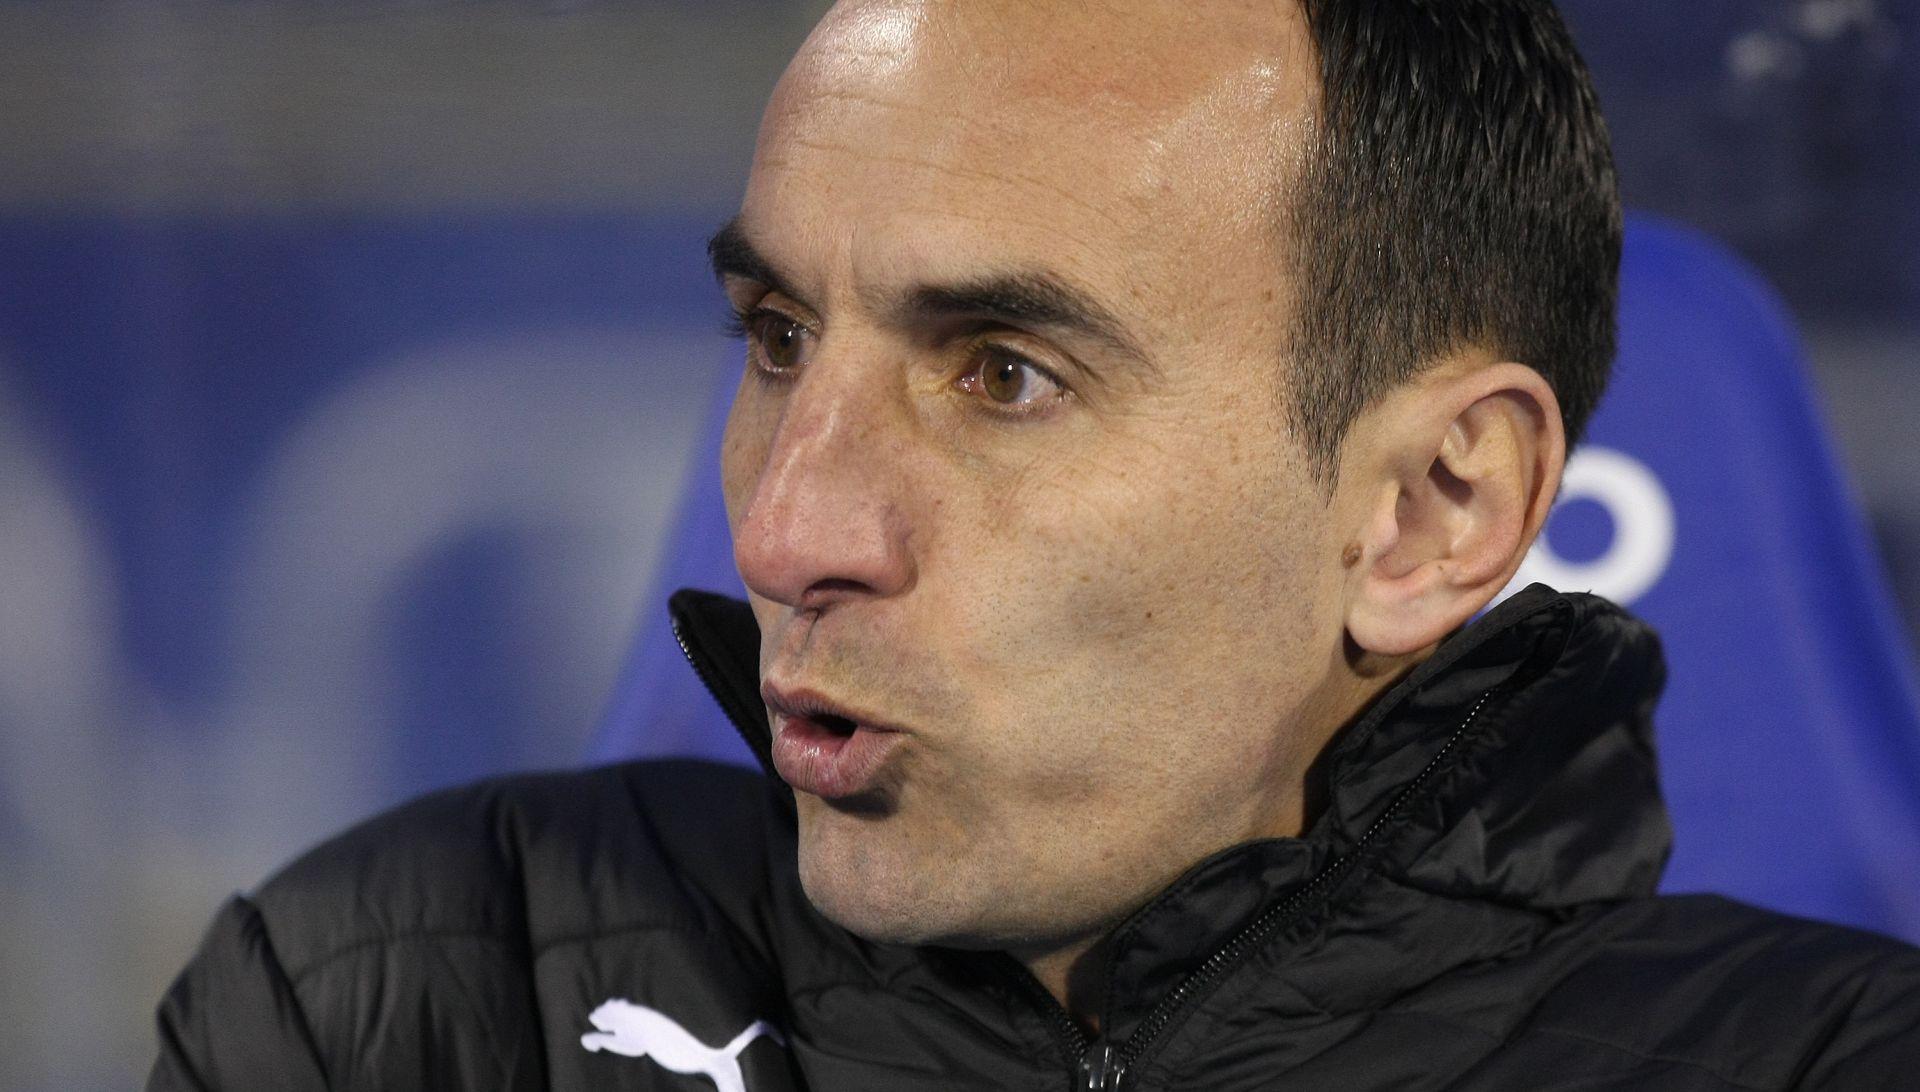 NAKON SAMO 13 UTAKMICA Krunoslav Jurčić dobio otkaz u turskom Adanasporu